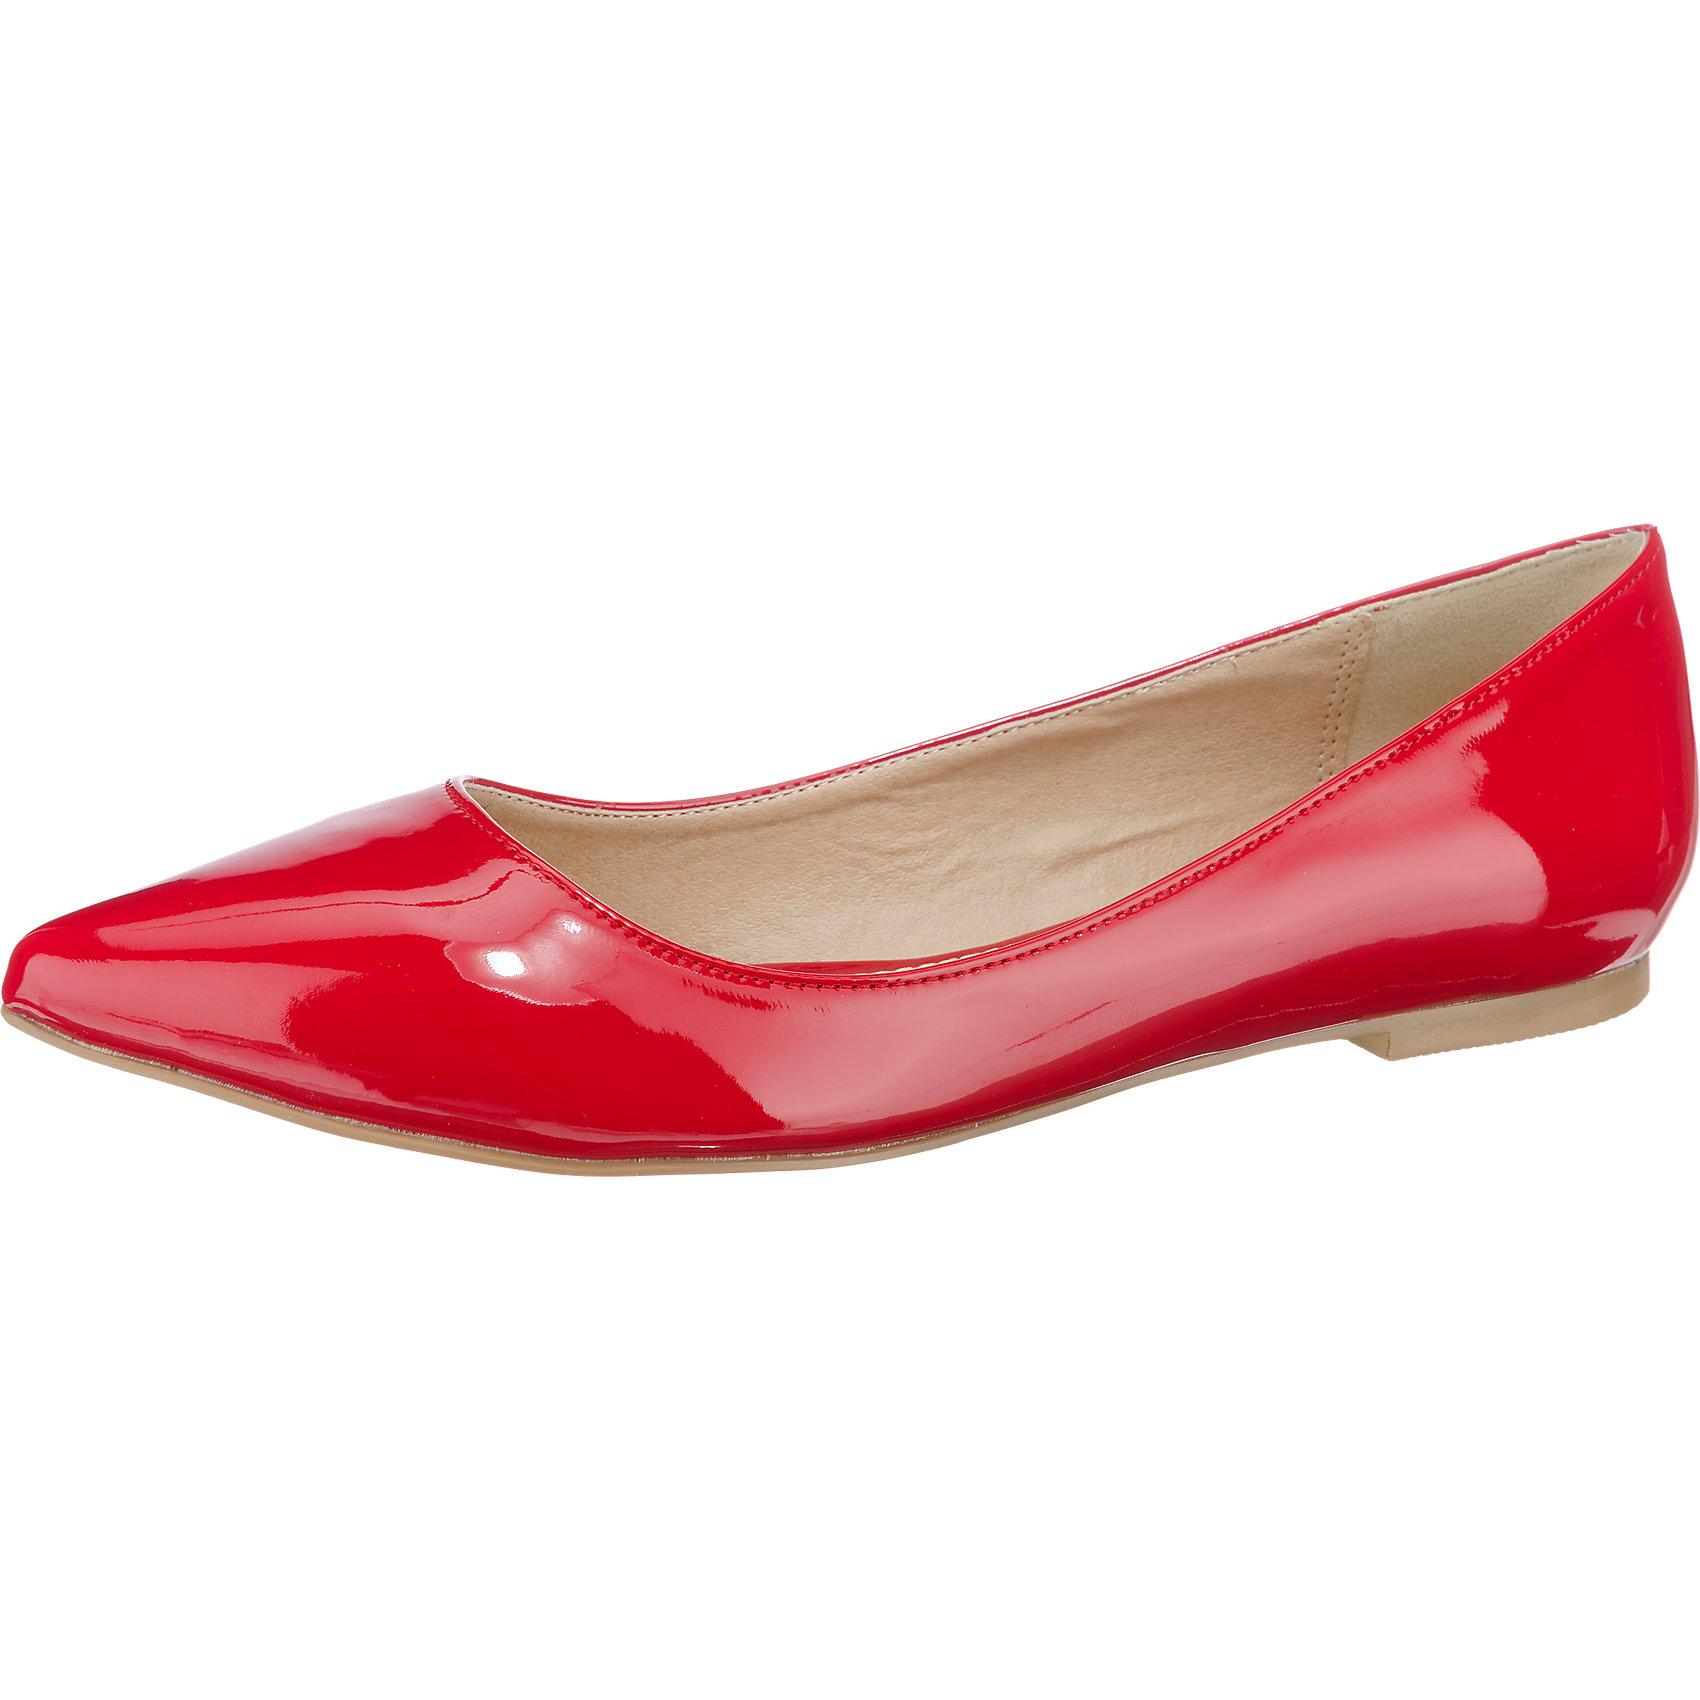 Neu BUFFALO Klassische Ballerinas 5770818 für Damen schwarz rot